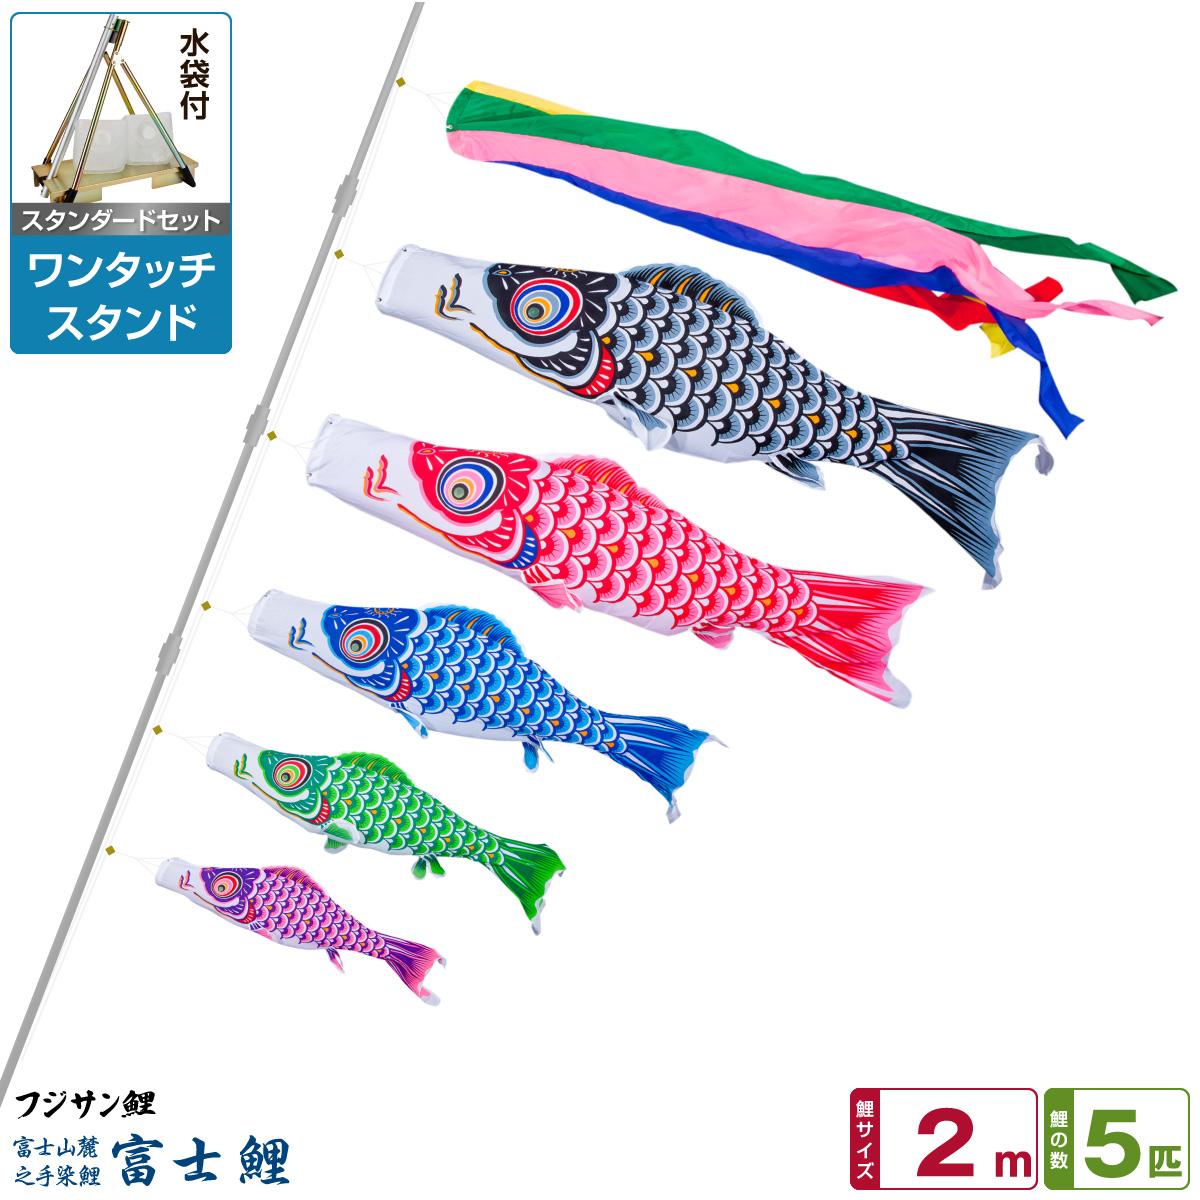 ベランダ用 こいのぼり 鯉のぼり フジサン鯉 富士鯉 フジサン鯉 2m 富士鯉 8点(吹流し+鯉5匹+矢車+ロープ) 2m/スタンダードセット(ワンタッチスタンド), ヨノウヅムラ:392cc45d --- sunward.msk.ru